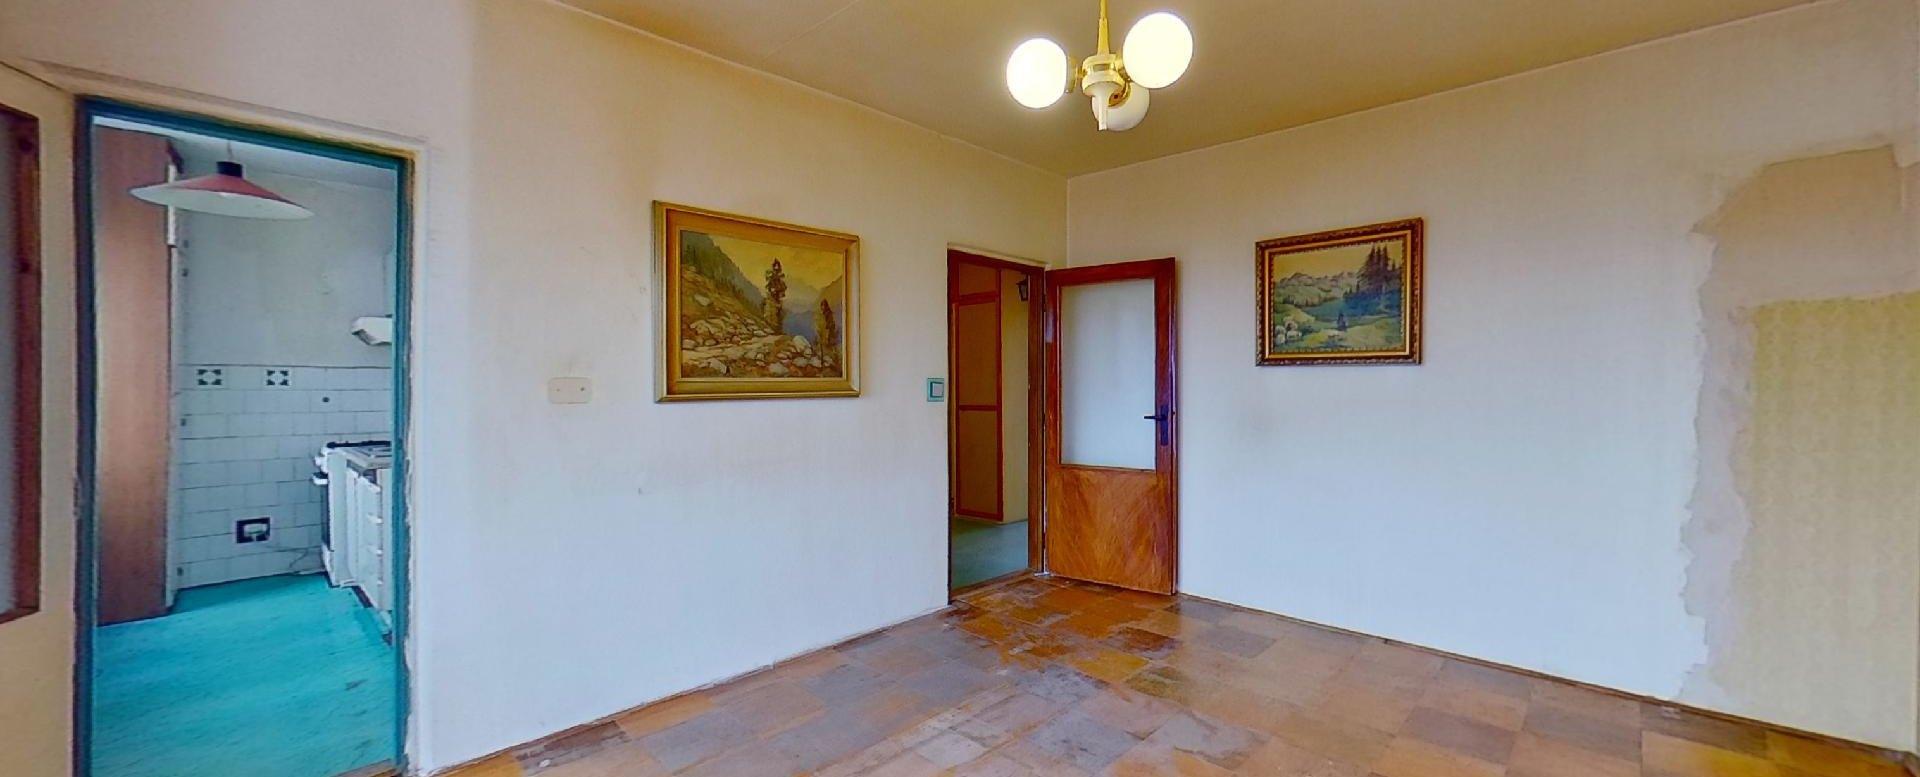 Obývacia izba so vstupom do kuchyne 3-izbového bytu v pôdovnom stave na Pražskej ulici v Košiciach